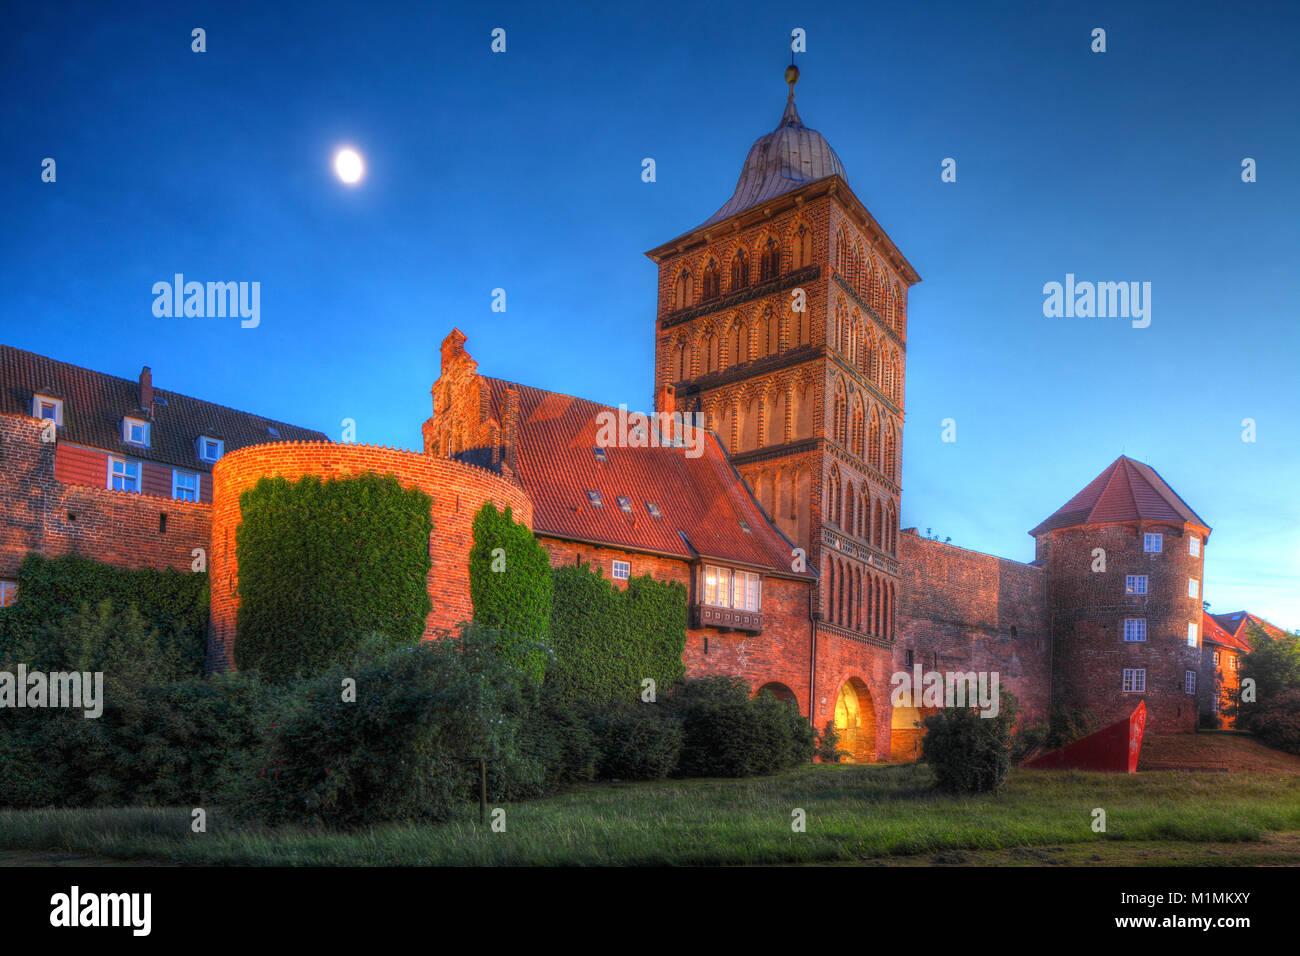 Alte Tor Burgtor in der Dämmerung, Lübeck, Schleswig-Holstein, Deutschland, Europa ich Burgtor, Luebeck, Stockbild